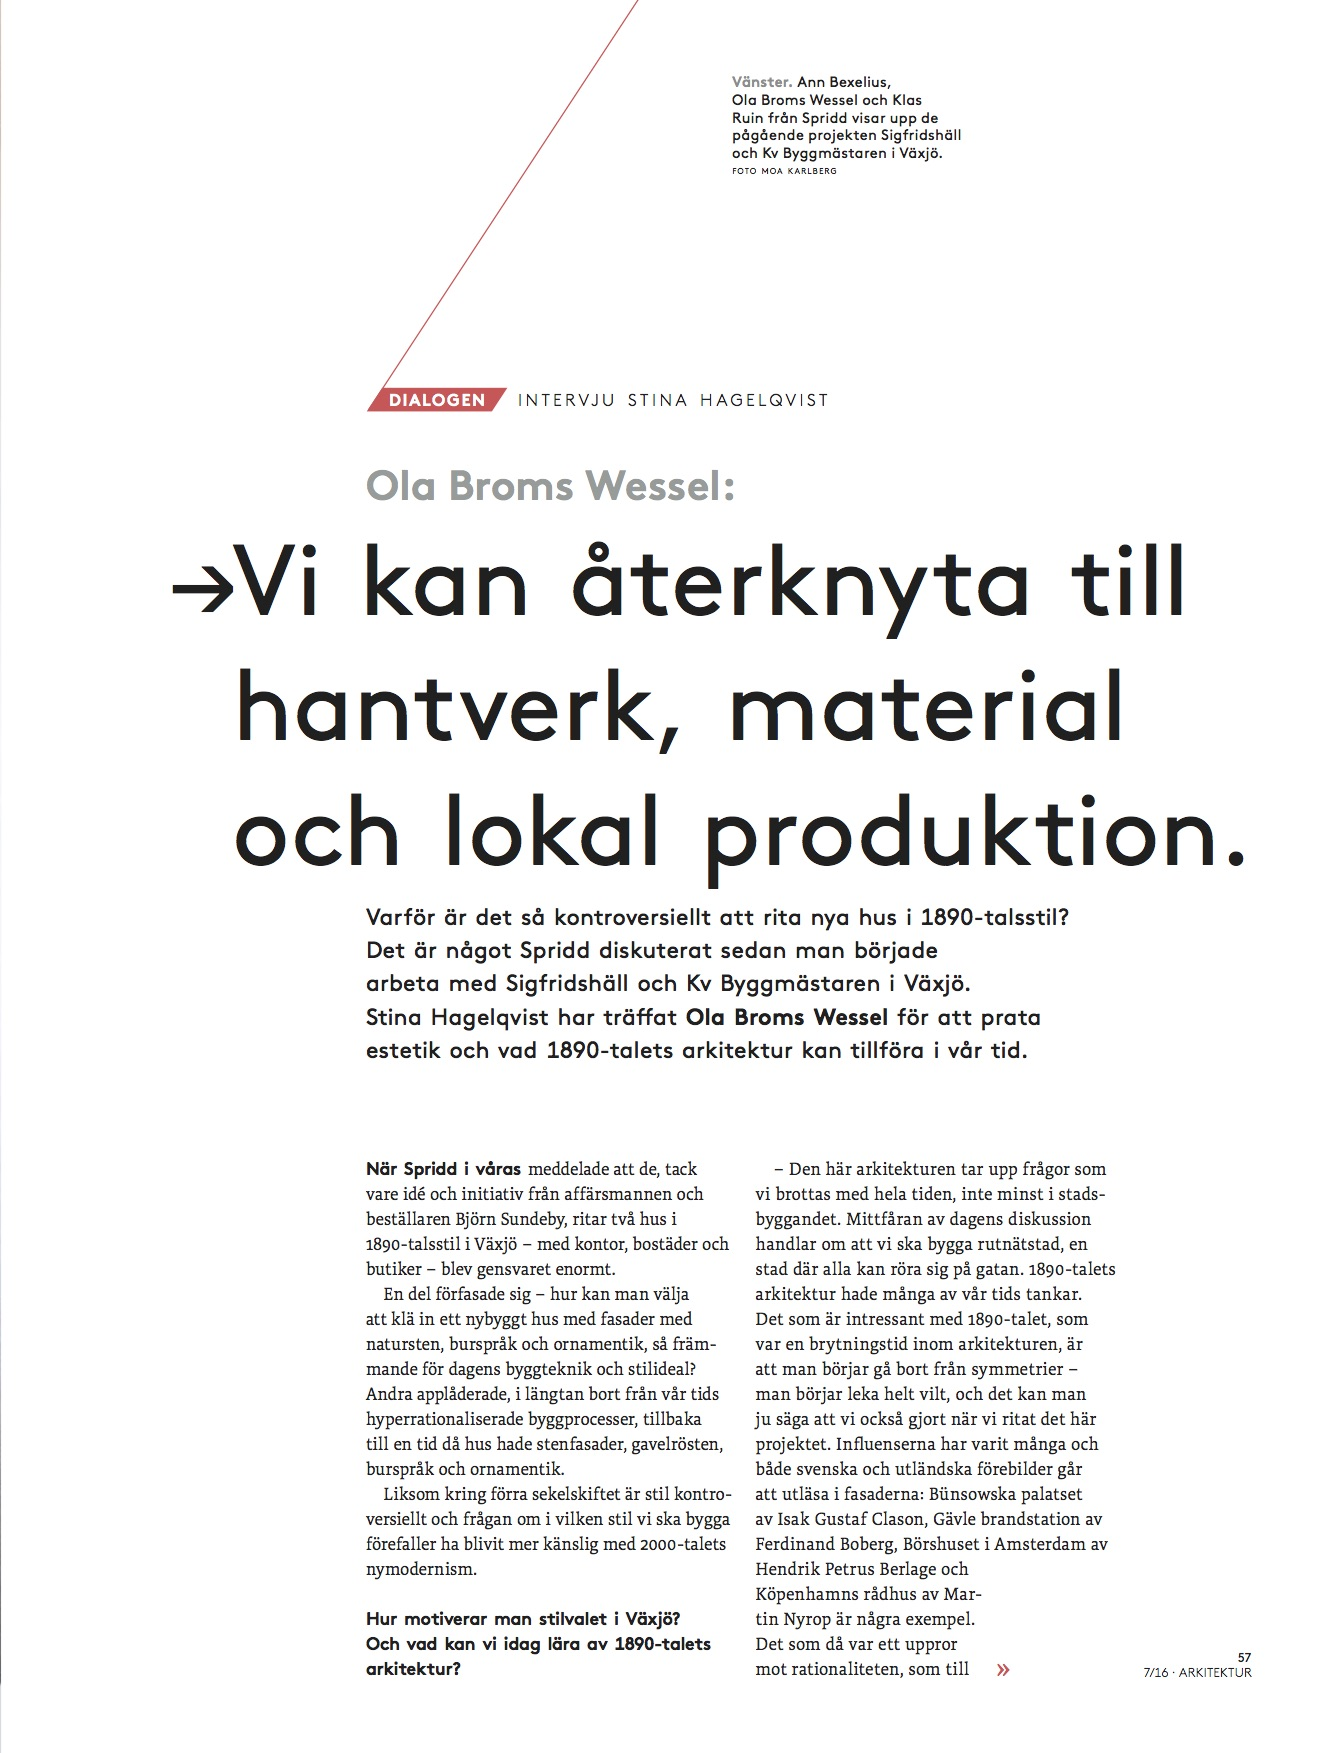 Spridd intervju Arkitektur_7_2016-2_2.jpg